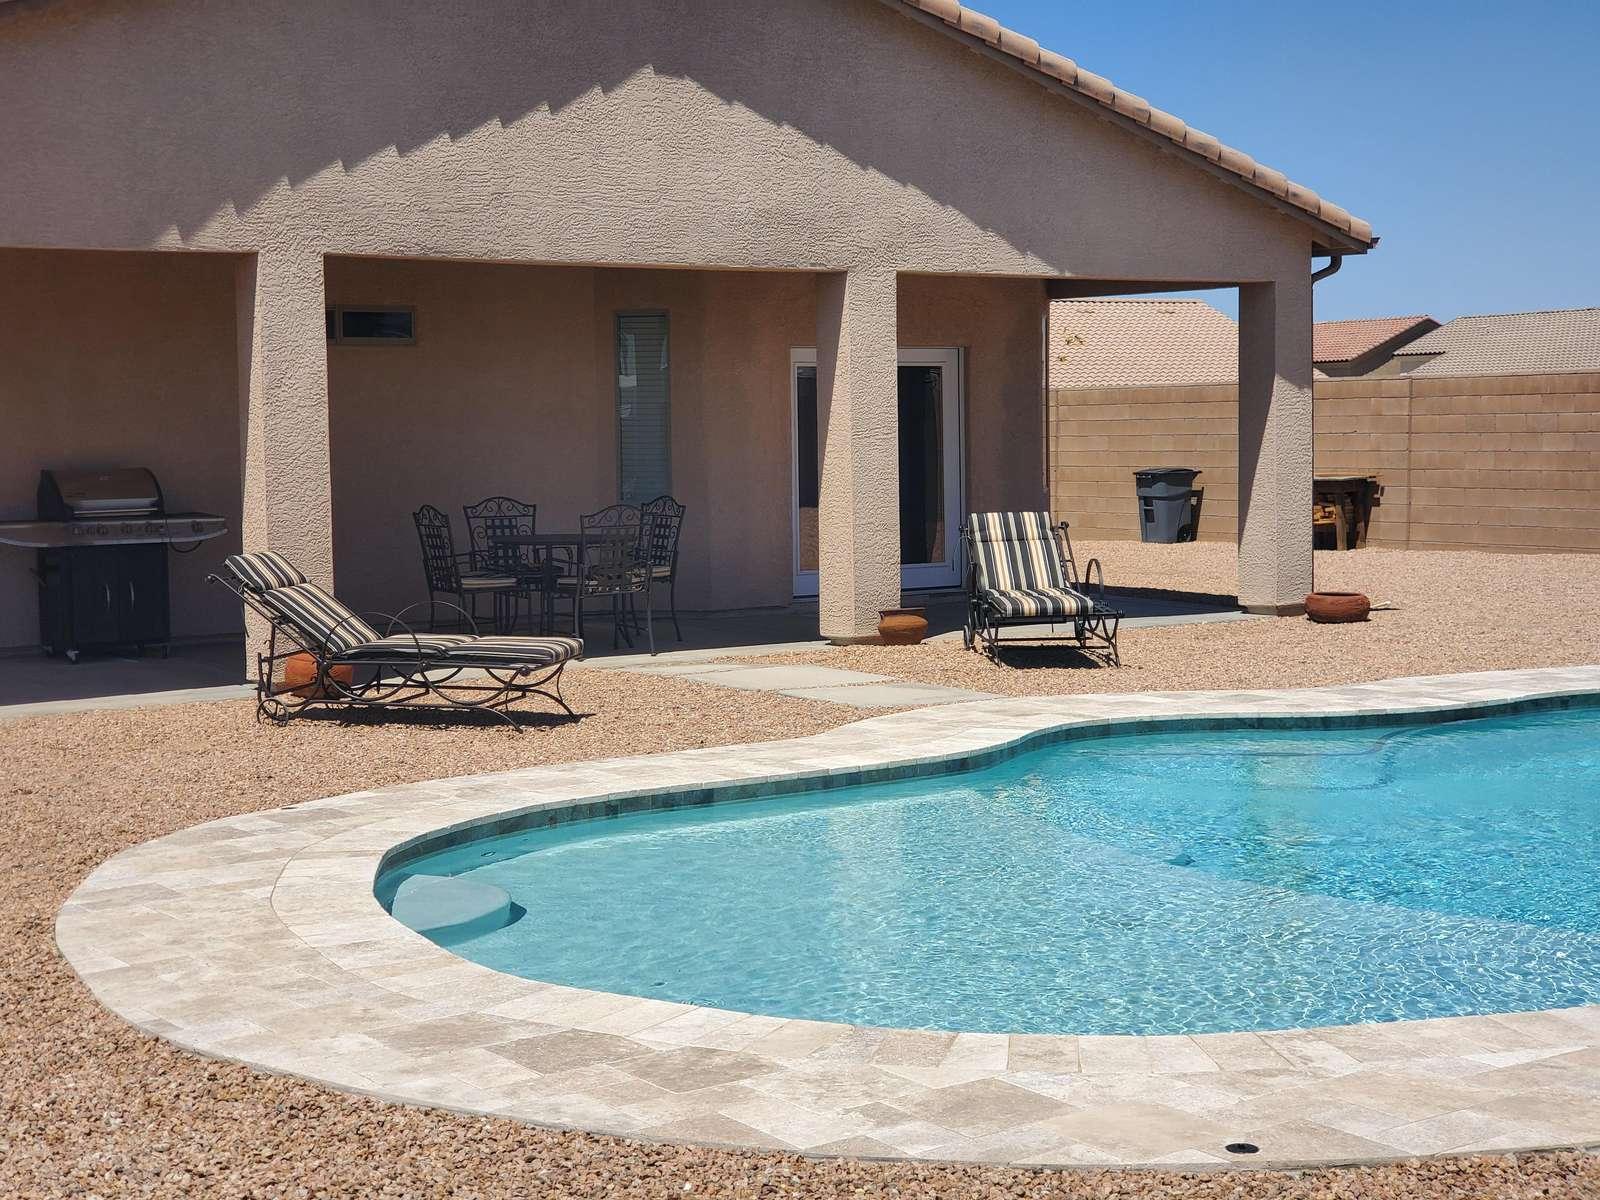 Pool with baja shelf entry.